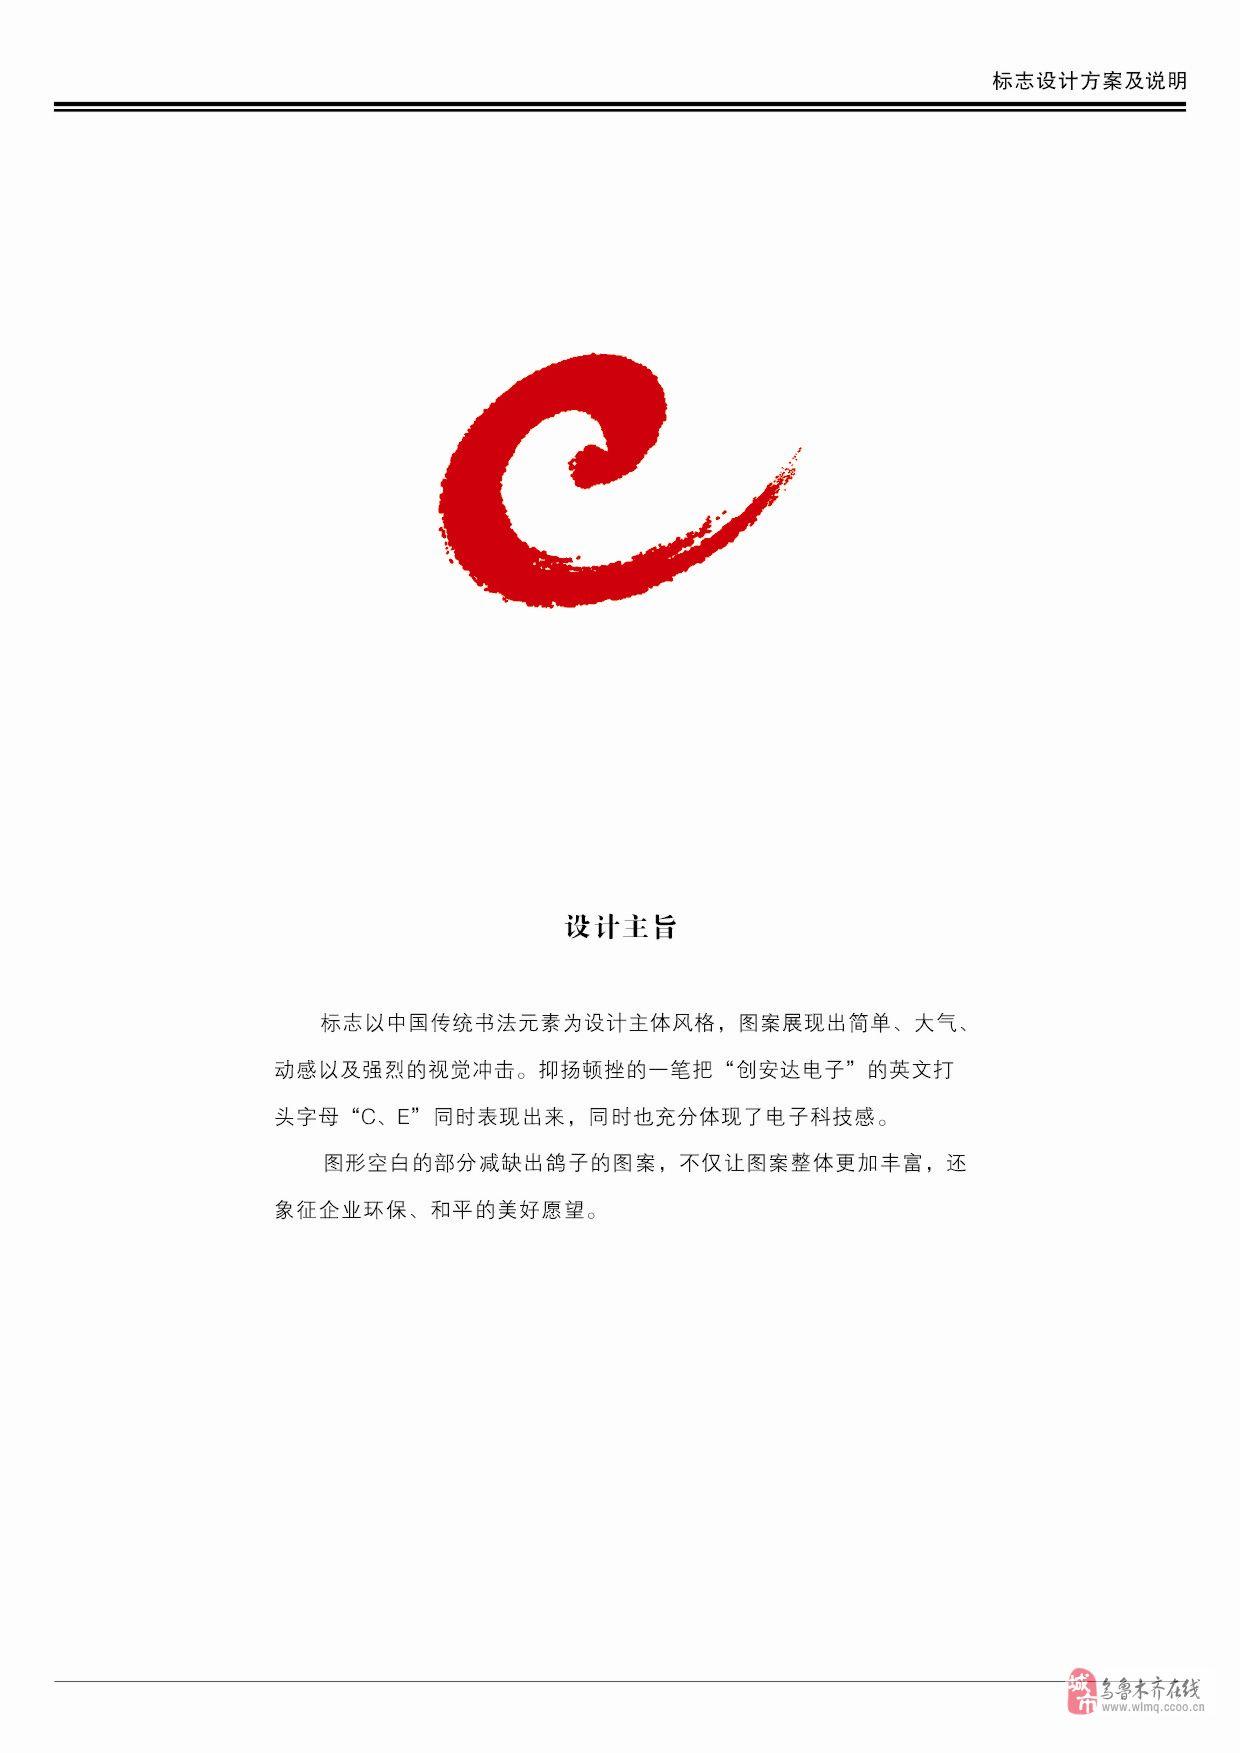 新疆乌鲁木齐标志设计,商标vi设计,一鸣标志设计图片